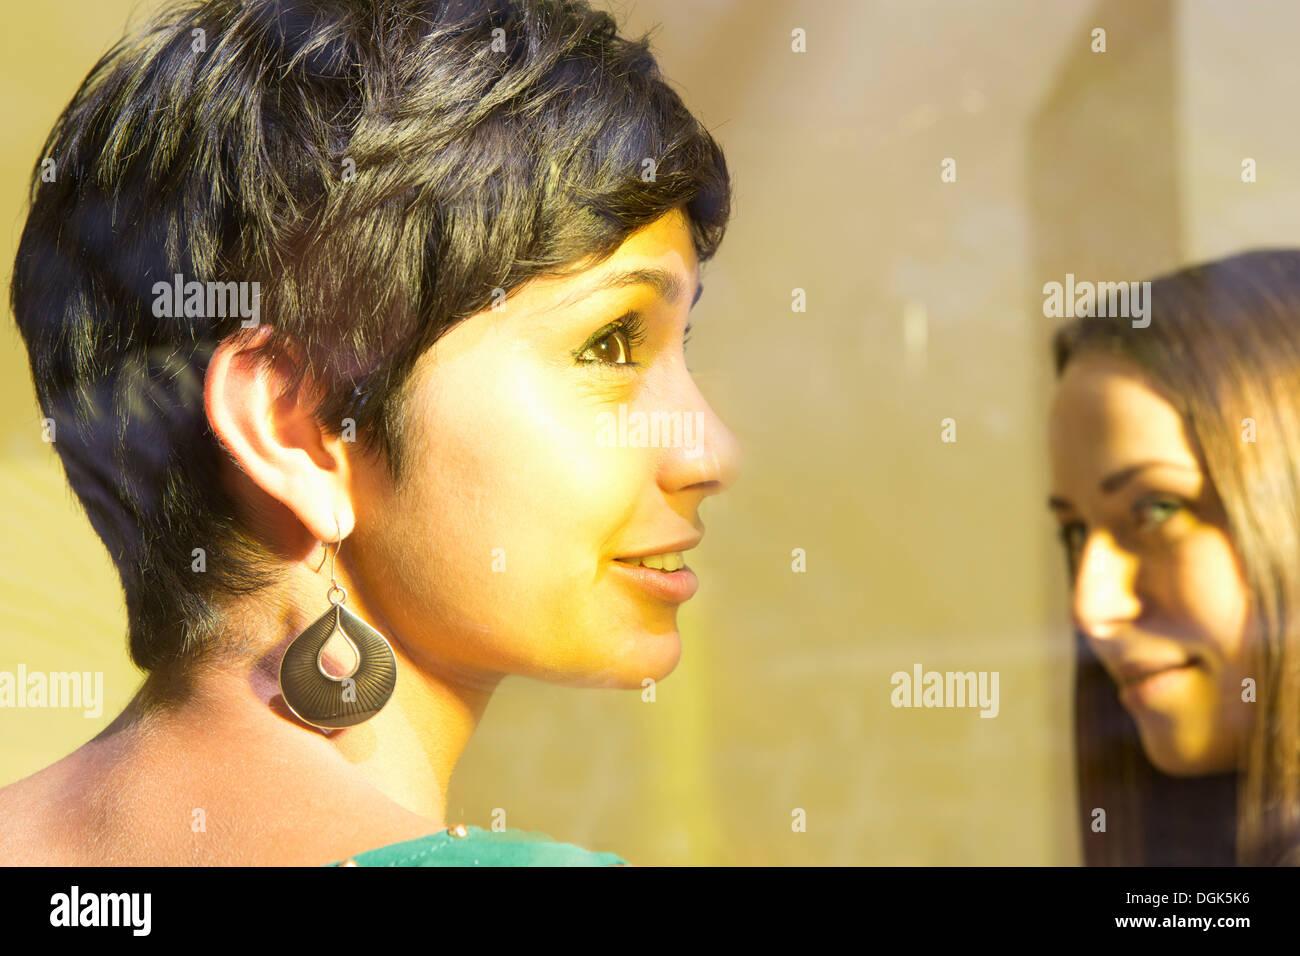 Mujer con pelo corto mirando lejos Imagen De Stock